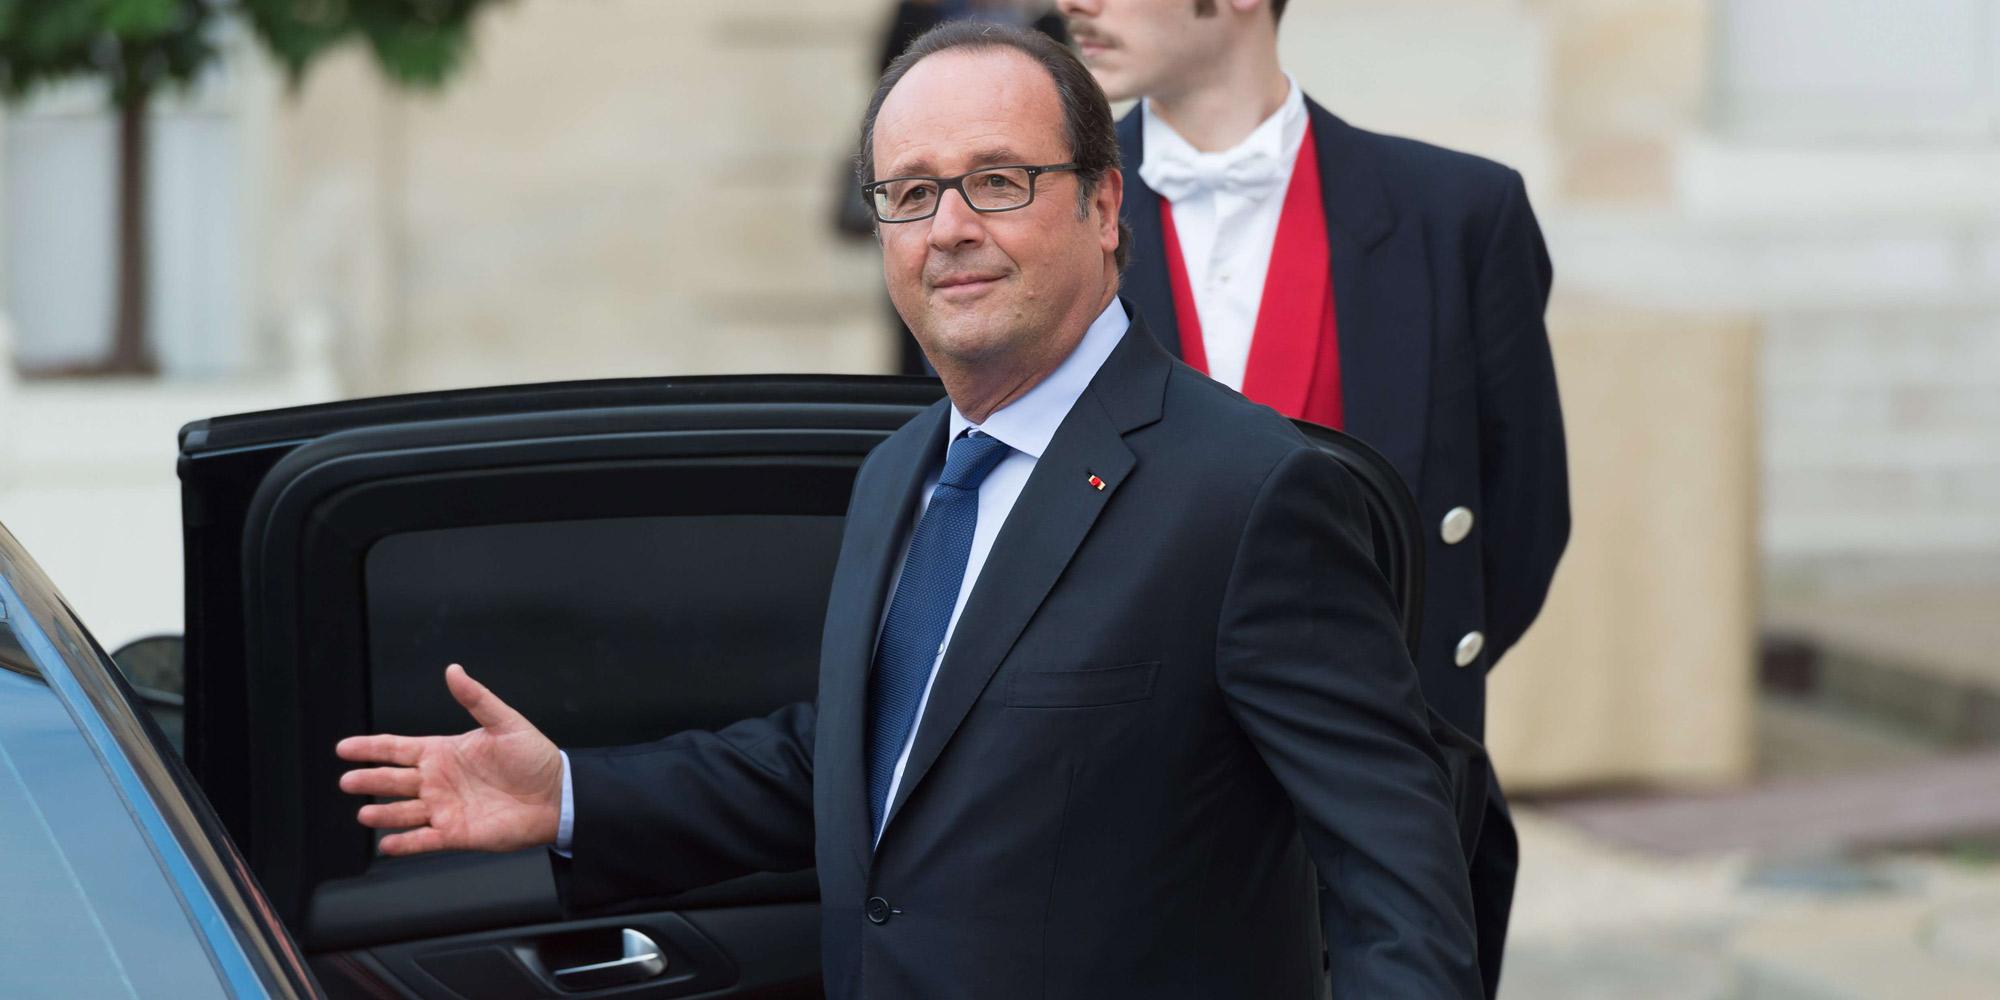 rencontres en ligne en Hollande brancher deux ampères ensemble